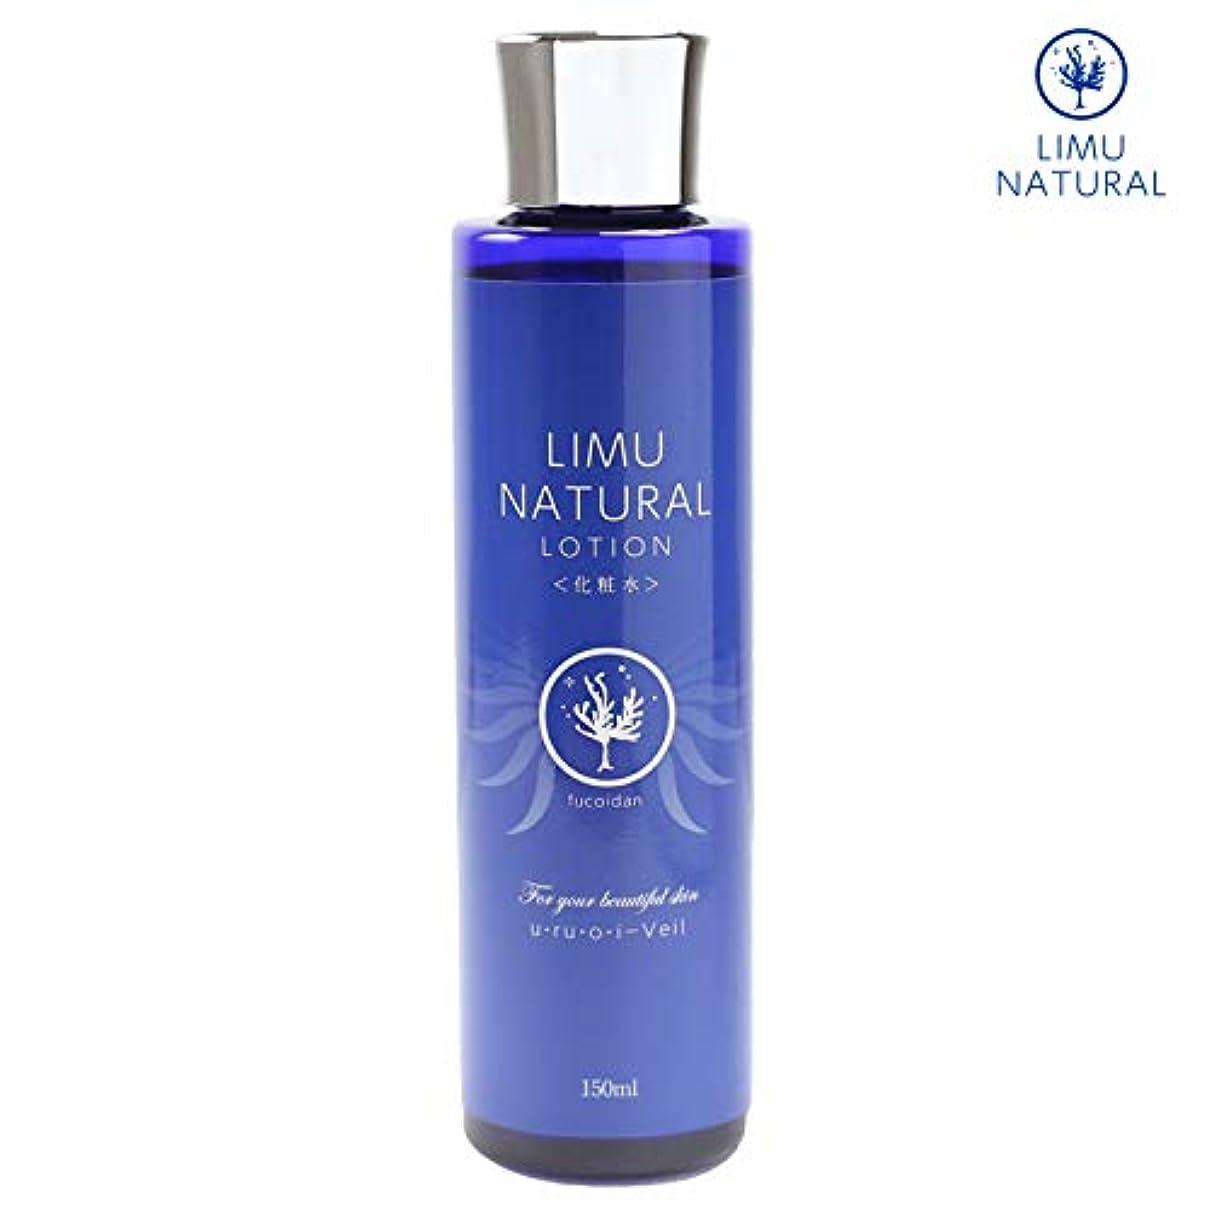 活性化少数分注するリムナチュラル 化粧水 LIMU NATURAL LOTION (150ml) 海の恵「フコイダン」と大地の恵「グリセリルグルコシド」を贅沢に配合